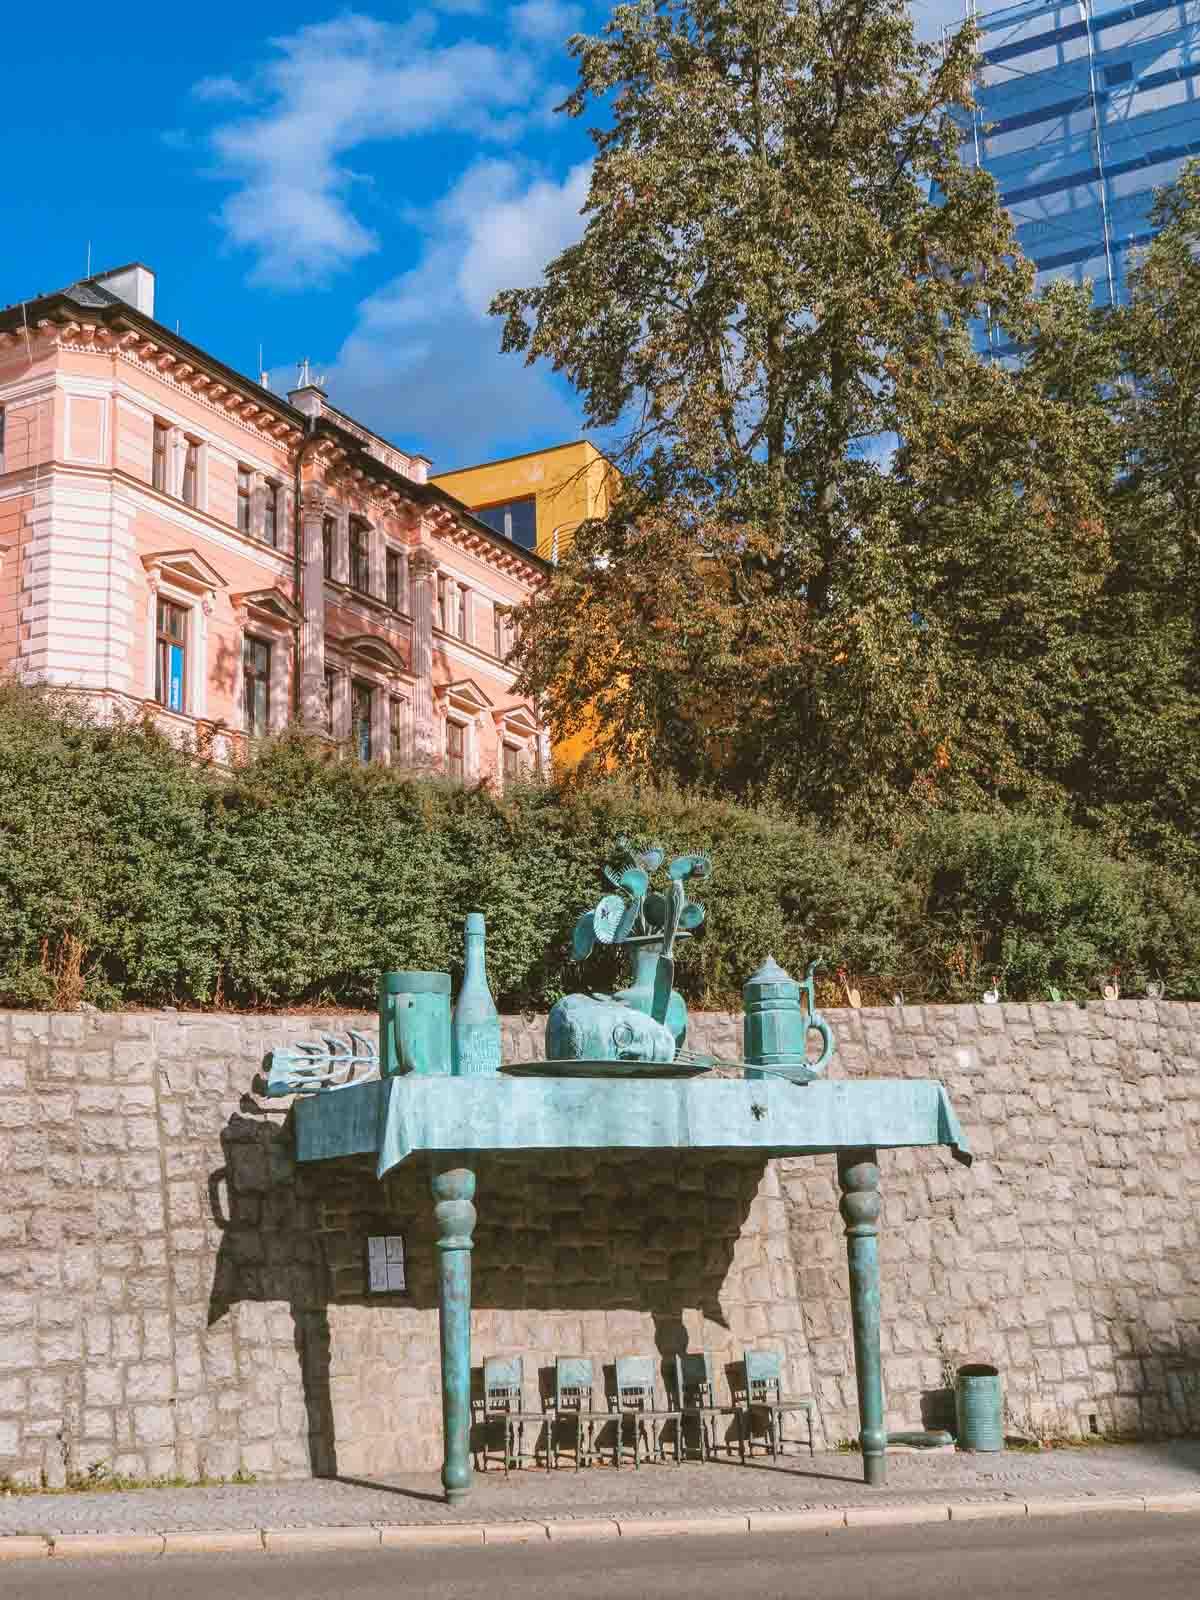 Stedentrip Liberec: bezienswaardigheden en tips